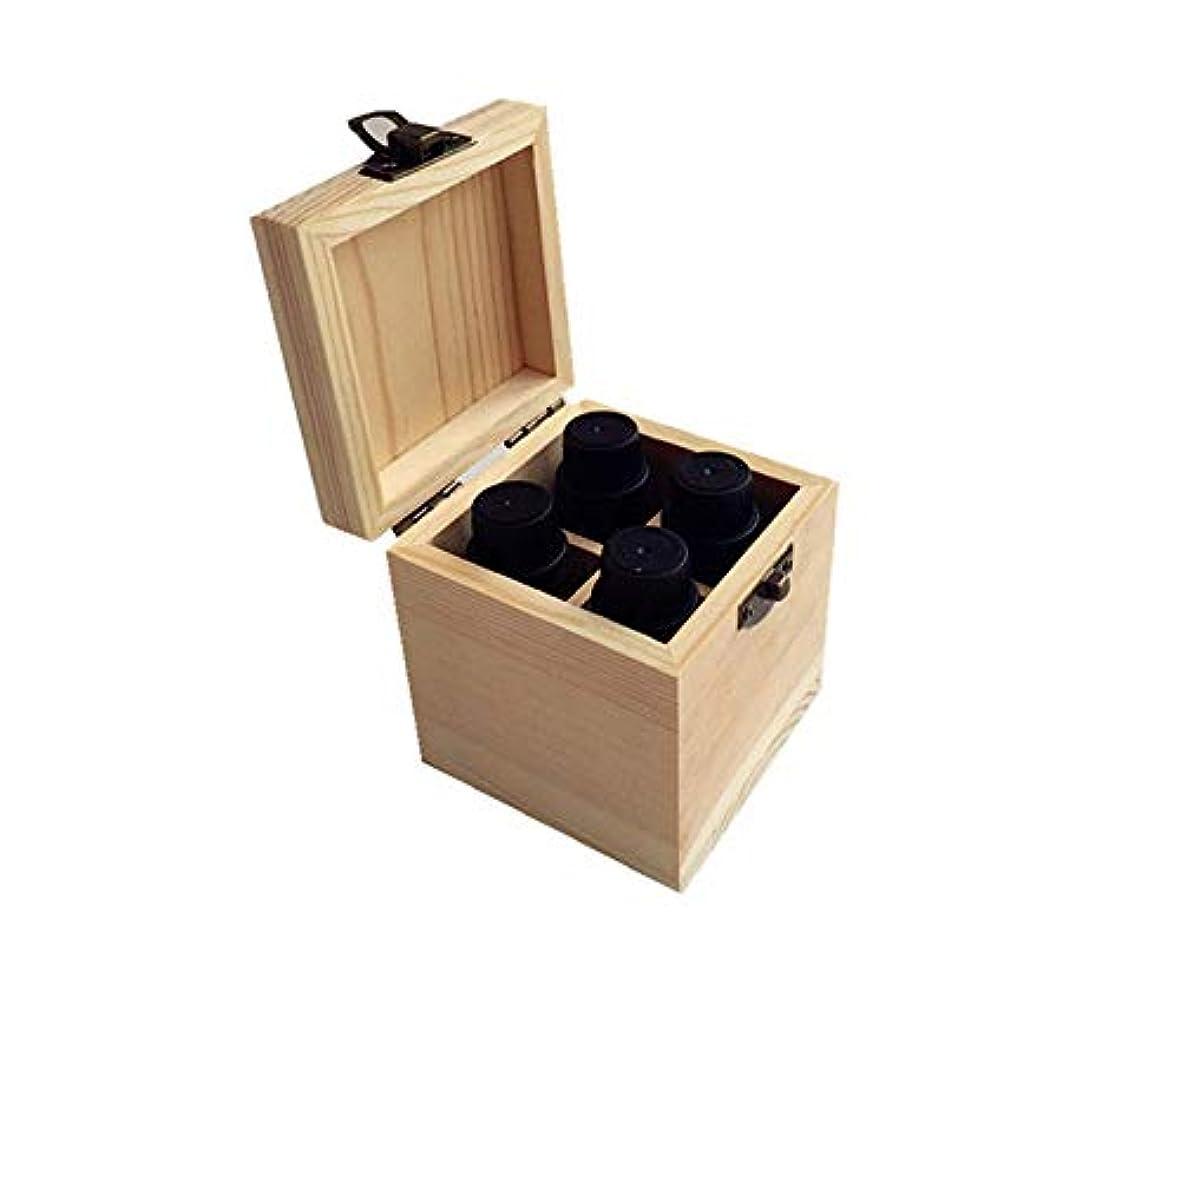 指導する安息単なるエッセンシャルオイルストレージボックス 4スロットの品質の木製エッセンシャルオイルストレージボックス 旅行およびプレゼンテーション用 (色 : Natural, サイズ : 8X8X9CM)